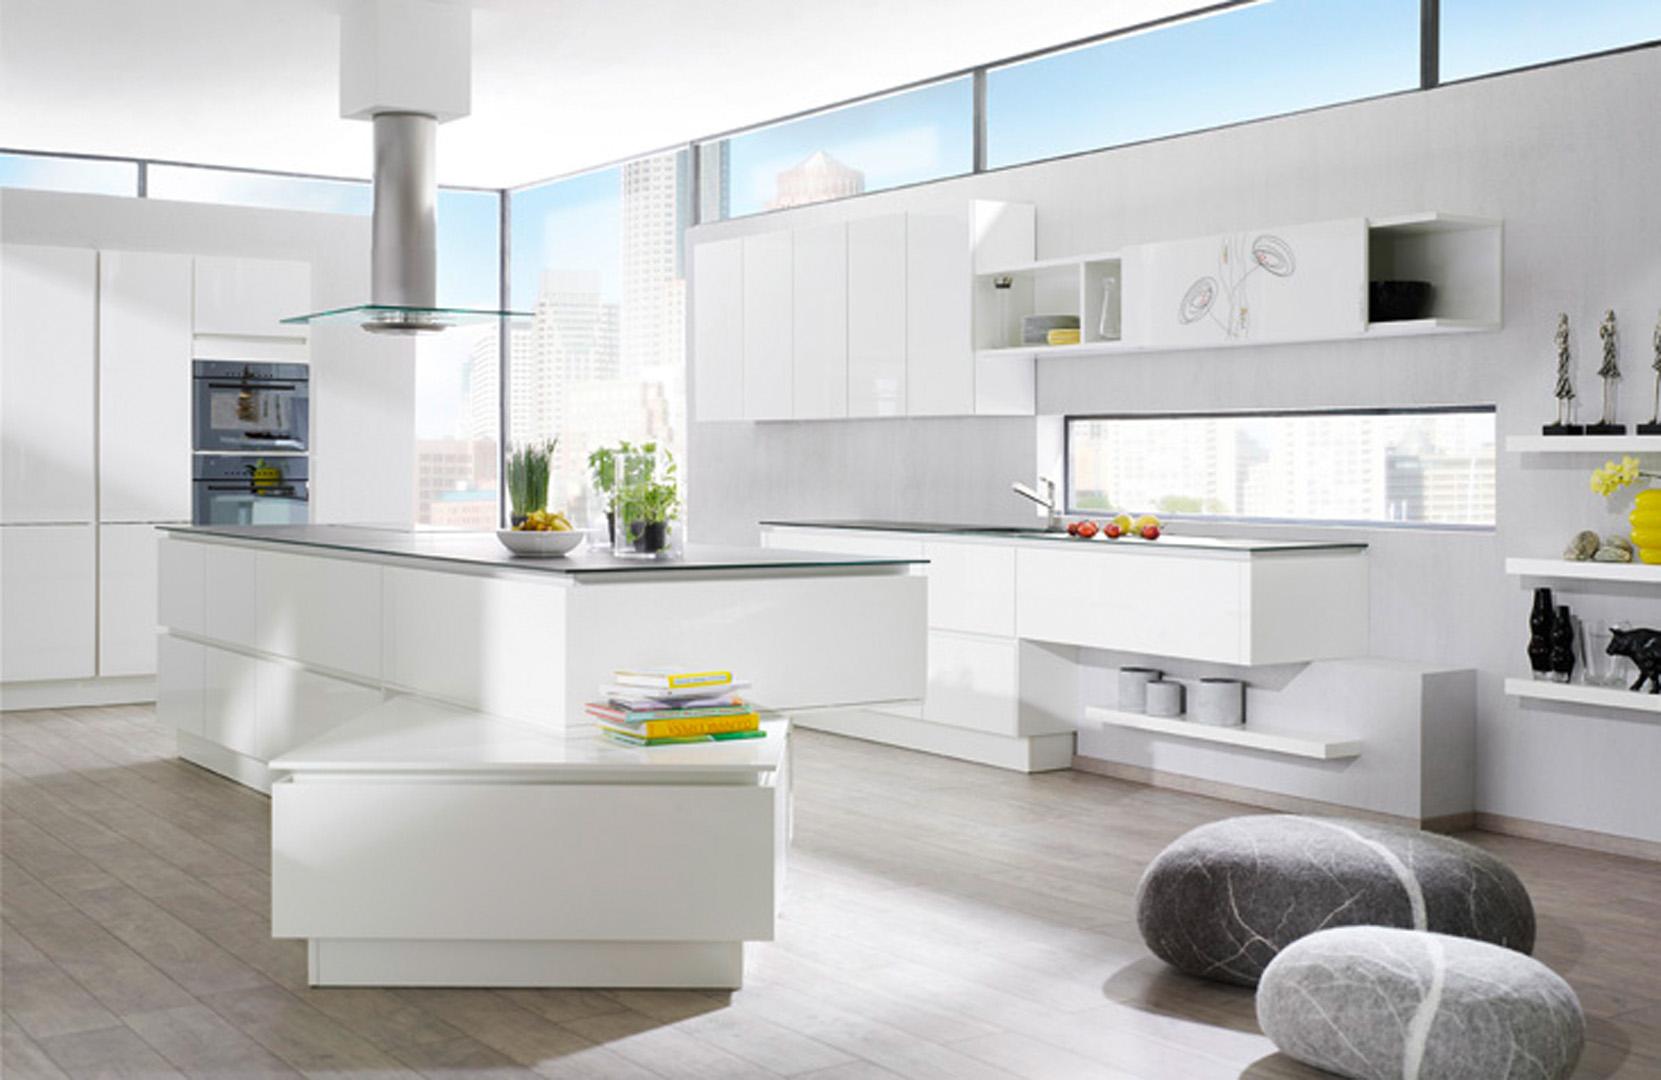 Luxus Küchen Mit Kochinsel. Ikea Küche Unterschrank Höhe ...